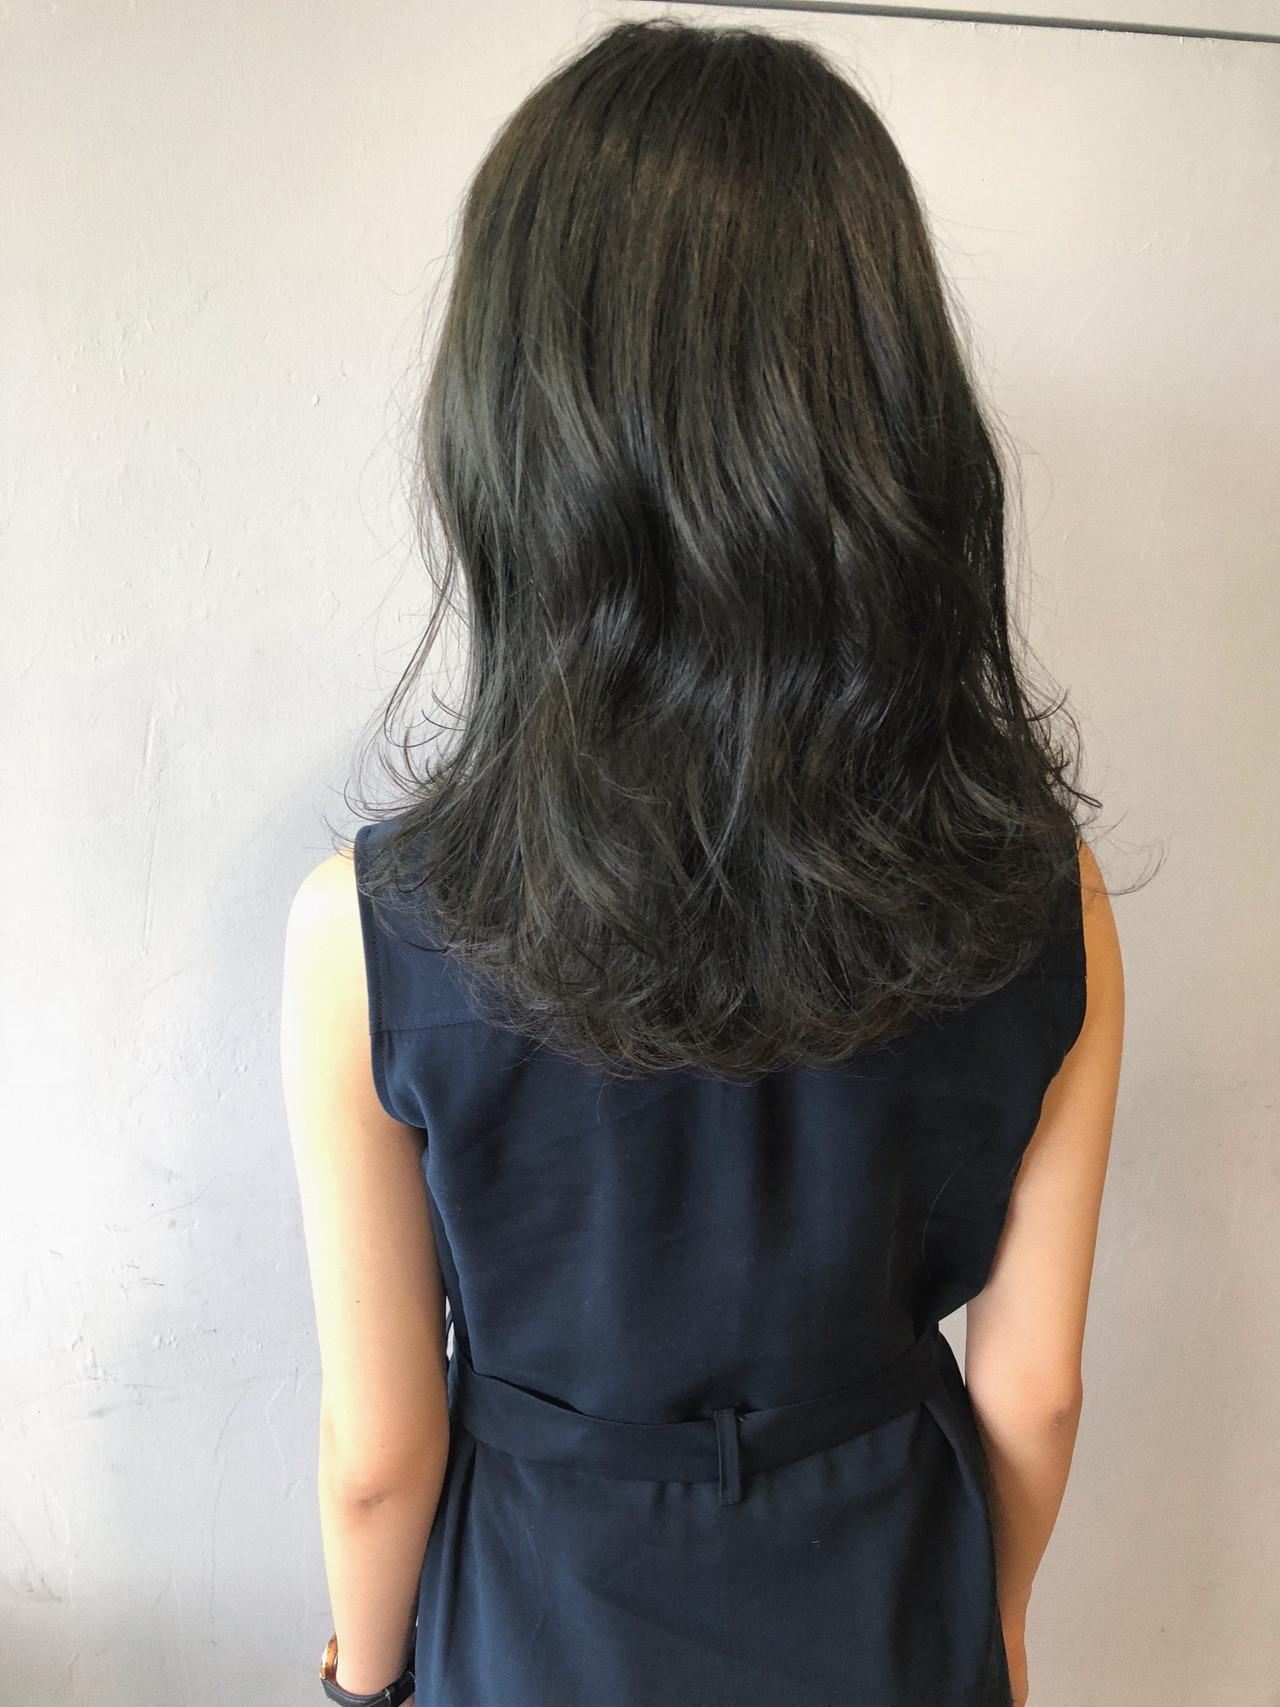 ミディアム ネイビーアッシュ グレージュ ブルージュ ヘアスタイルや髪型の写真・画像